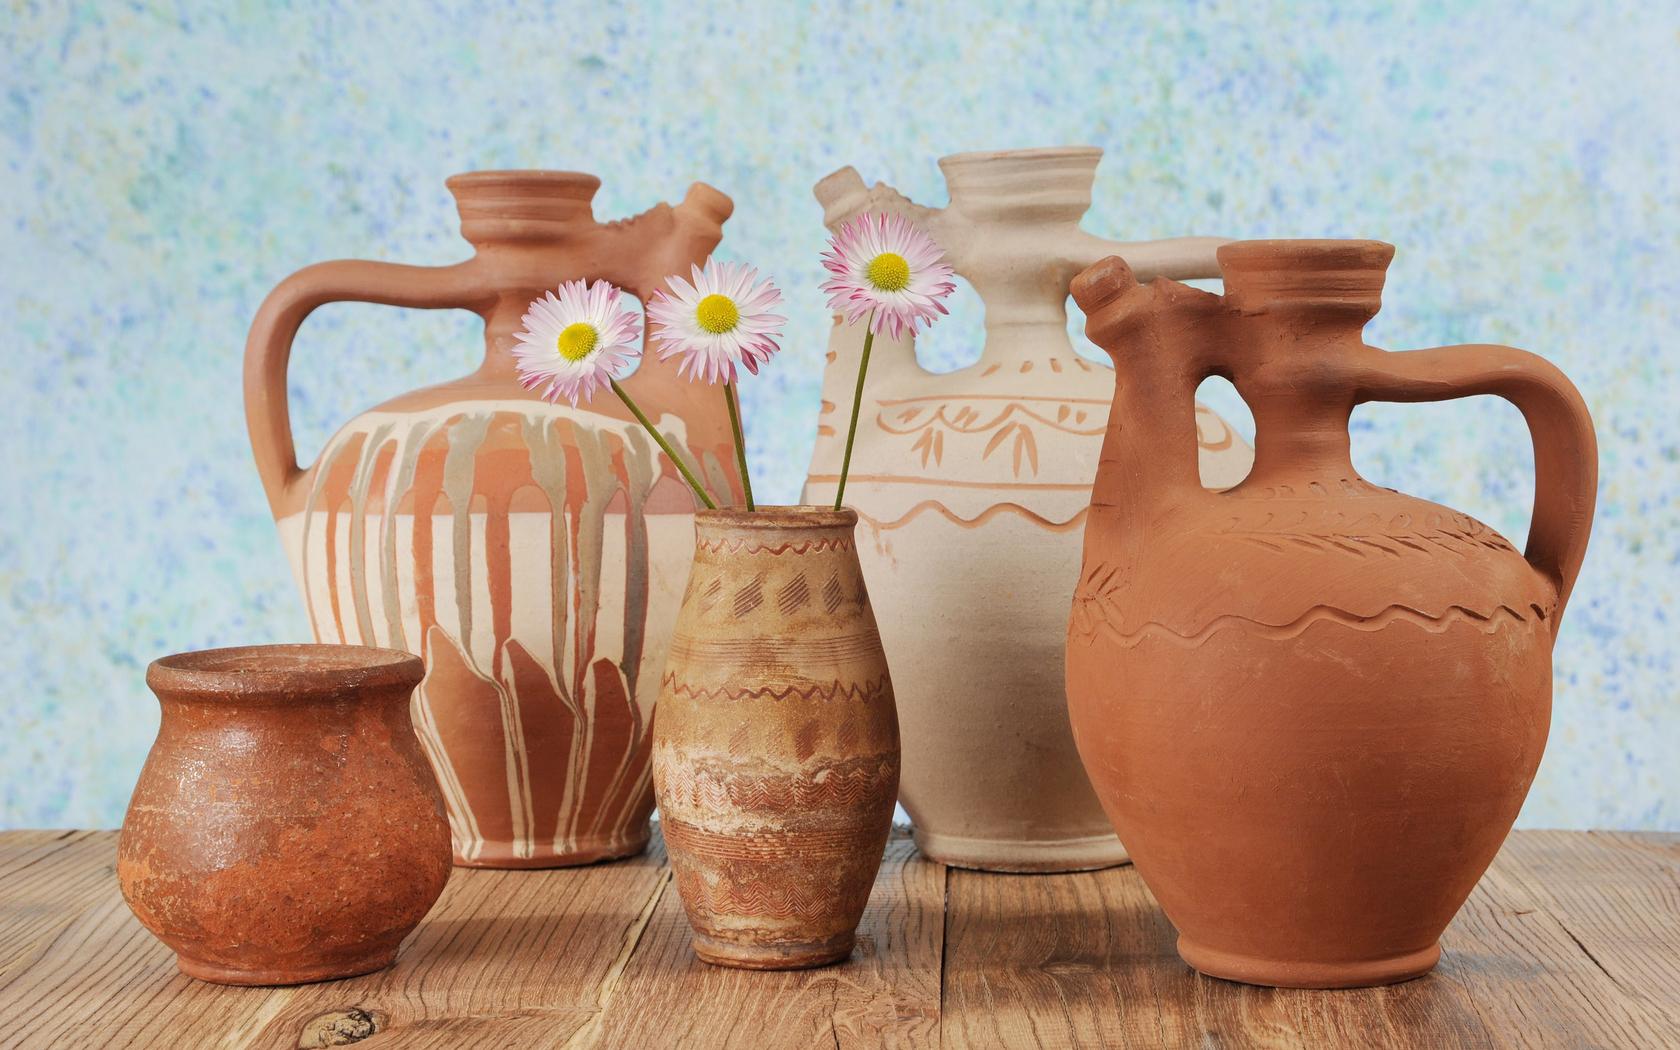 ВЙошкар-Оле появится музей керамики игончарного искусства